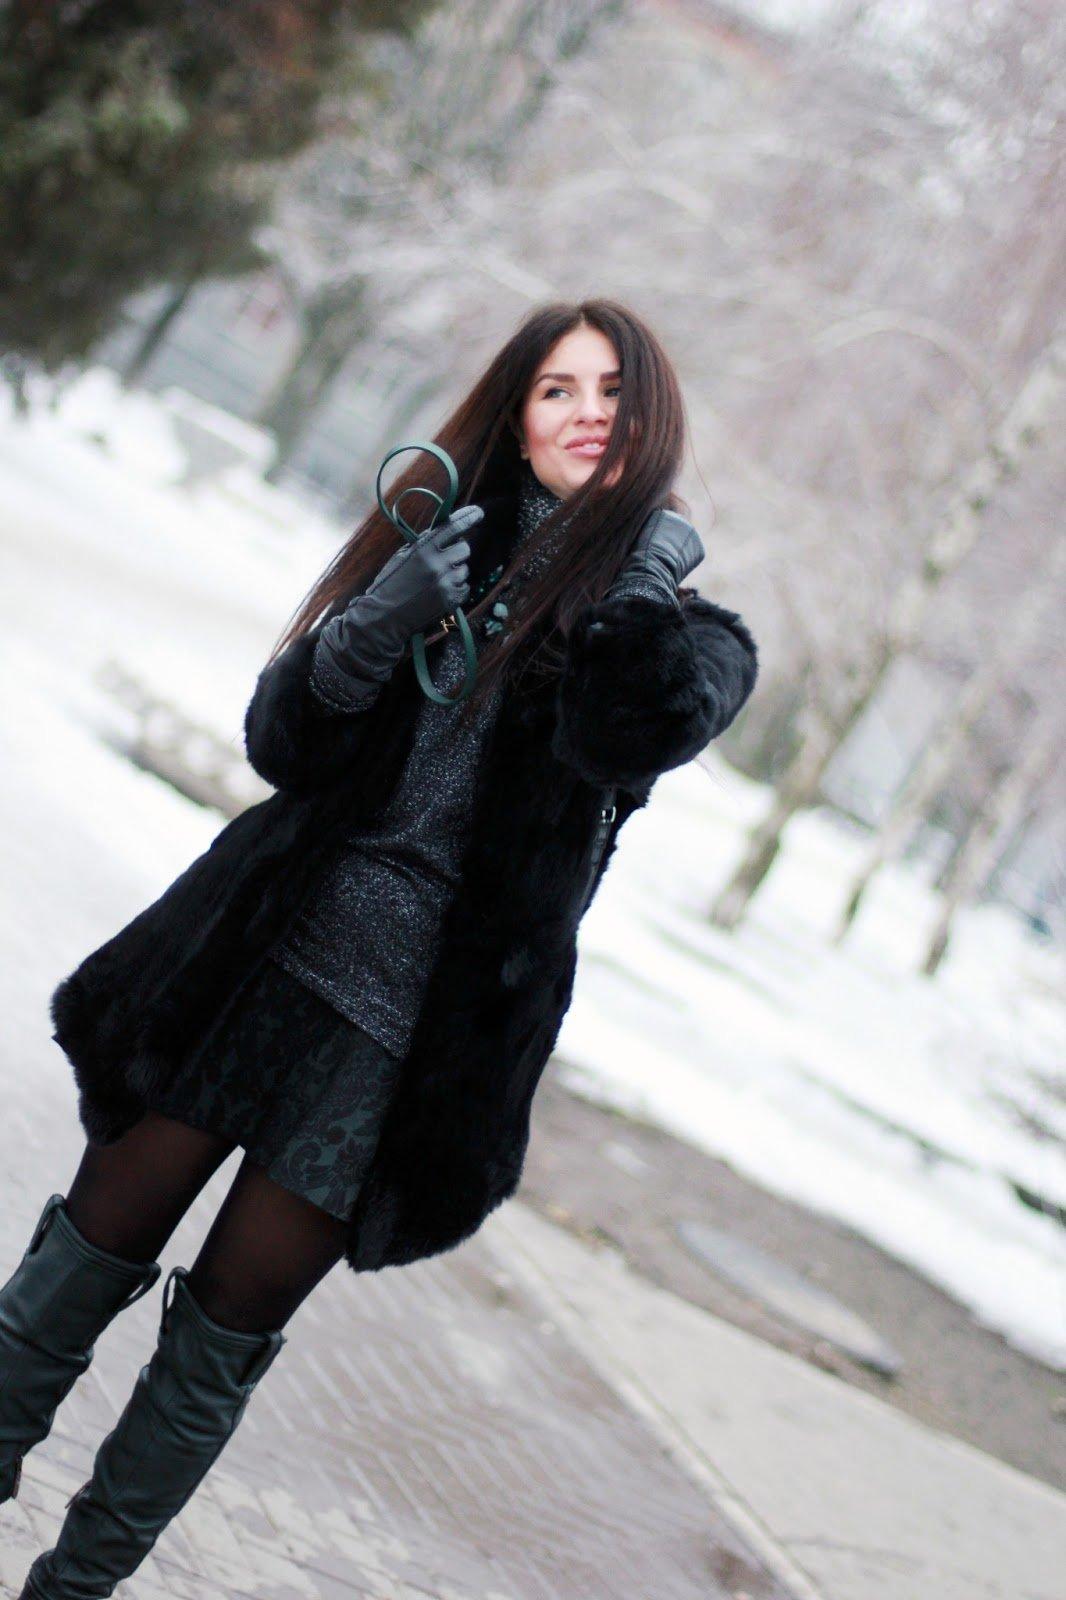 Сисястые латинки фото девушек на зимнем улице сзади брюнеток с одеждой